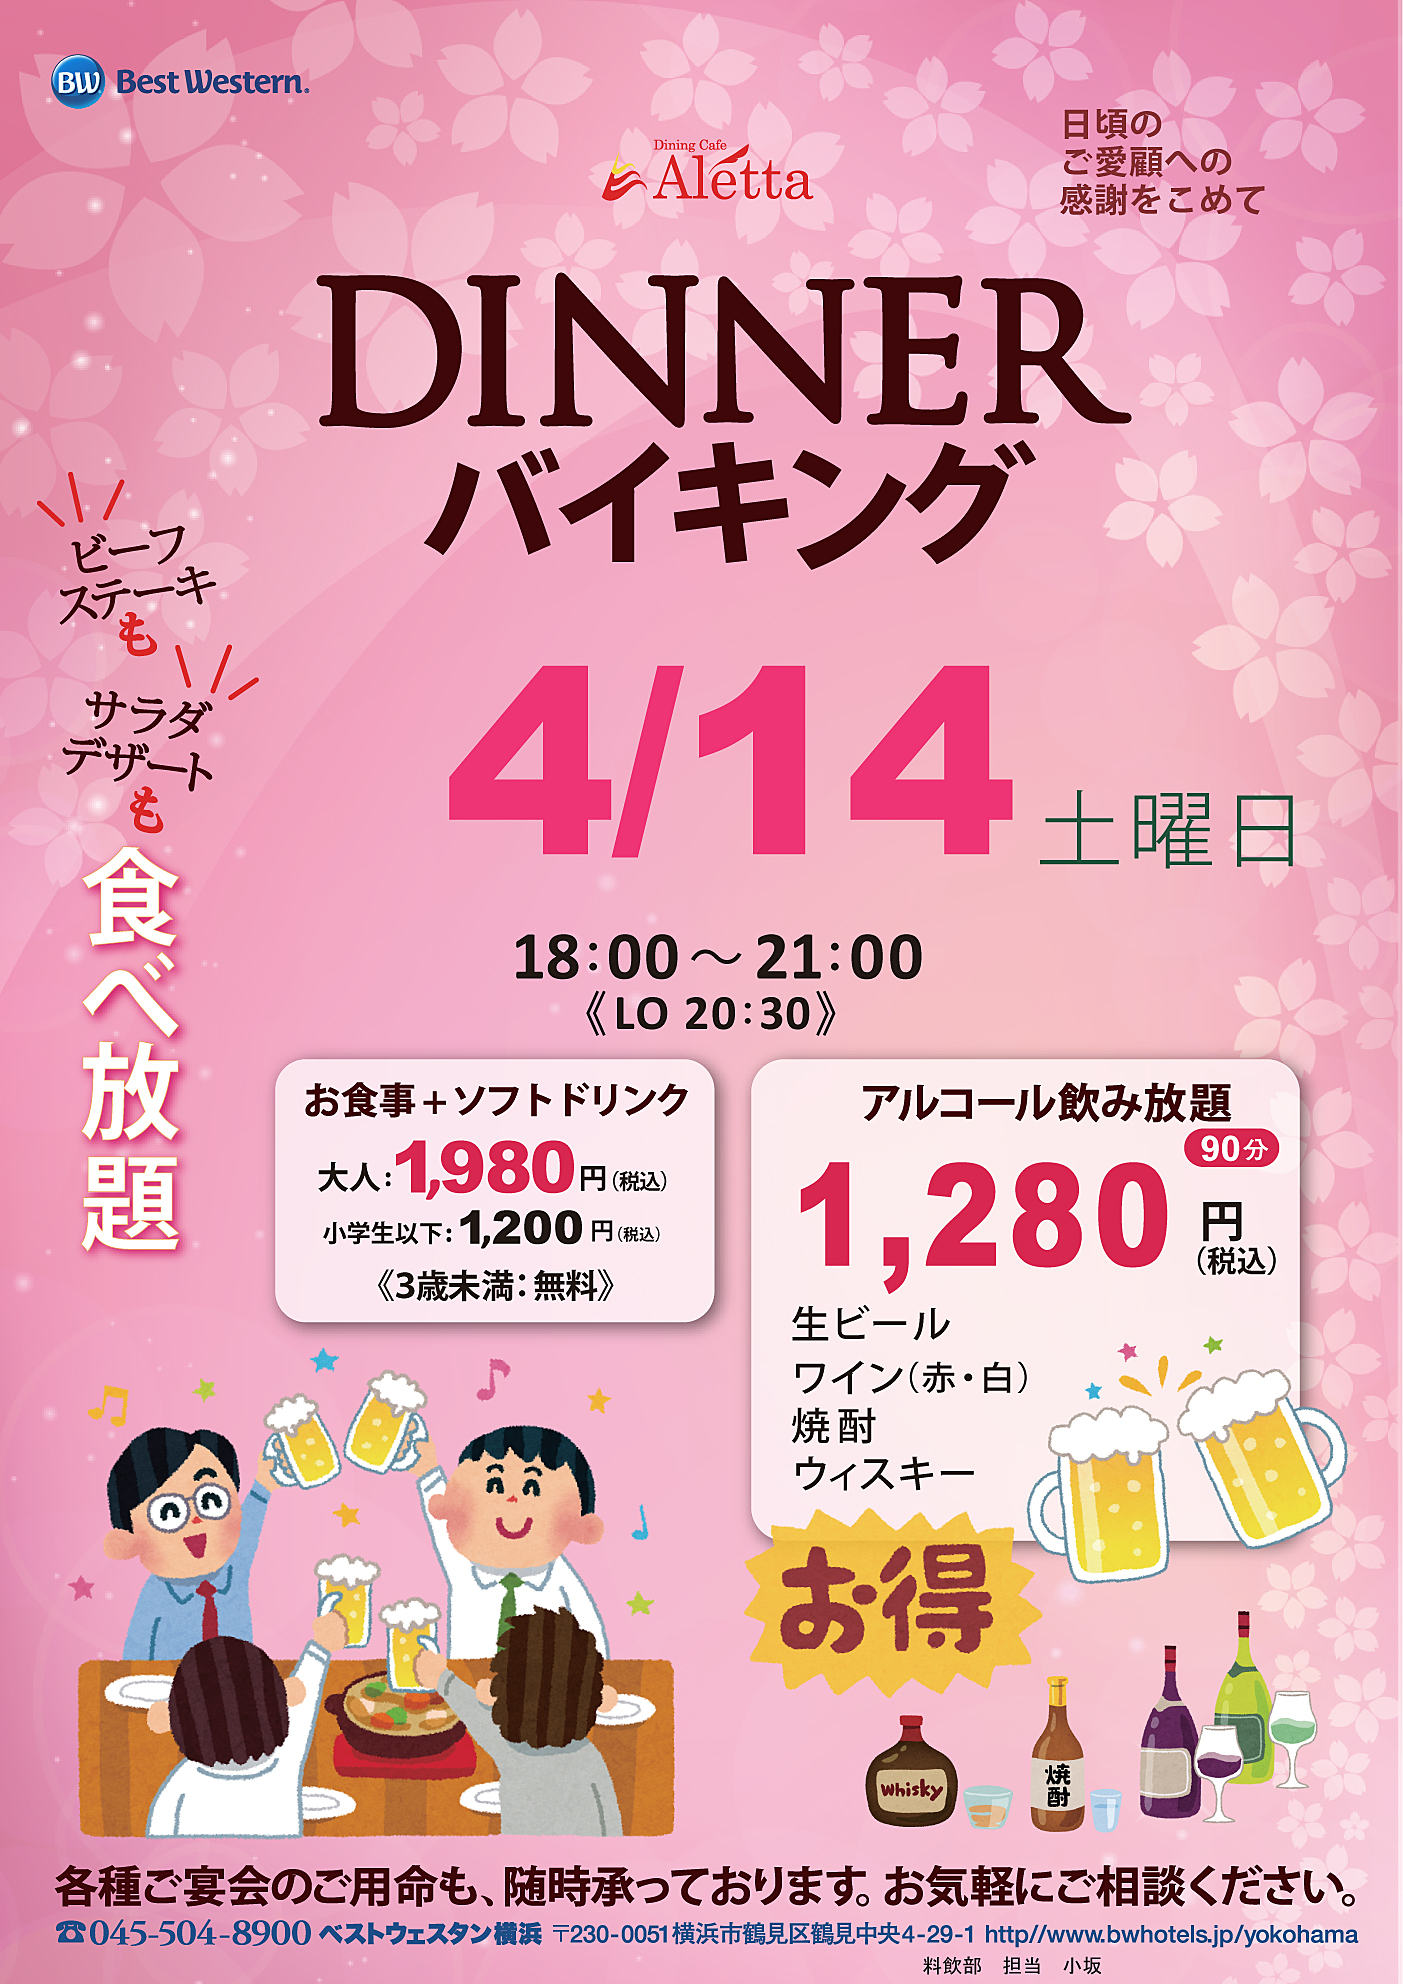 レストラン◆土曜日限定|DINNERバイキング 4/14◆食べ放題